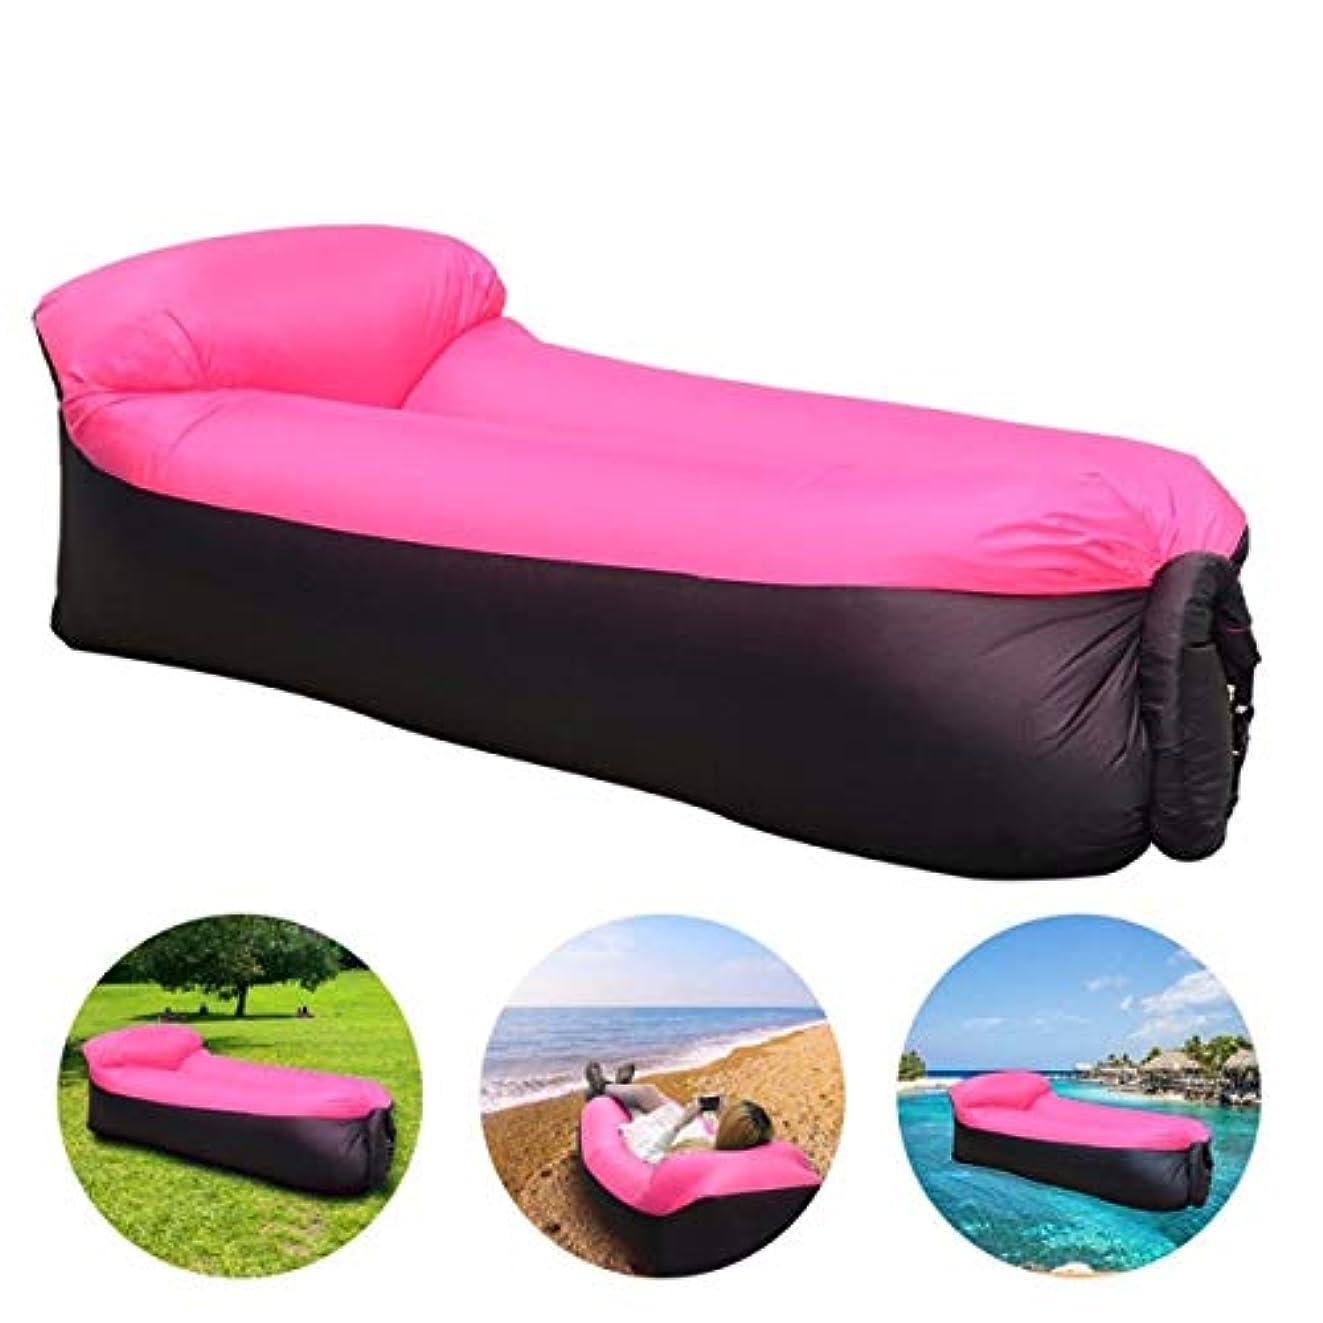 社会和らげる補償膨脹可能なラウンジャーのソファの空気のラウンジャーのソファー、プールの浮遊物の水泳のキャンプビーチハイキング公園の裏庭のために適したキャリーバッグが付いている膨脹可能なマットレスのベッド (色 : ピンク)